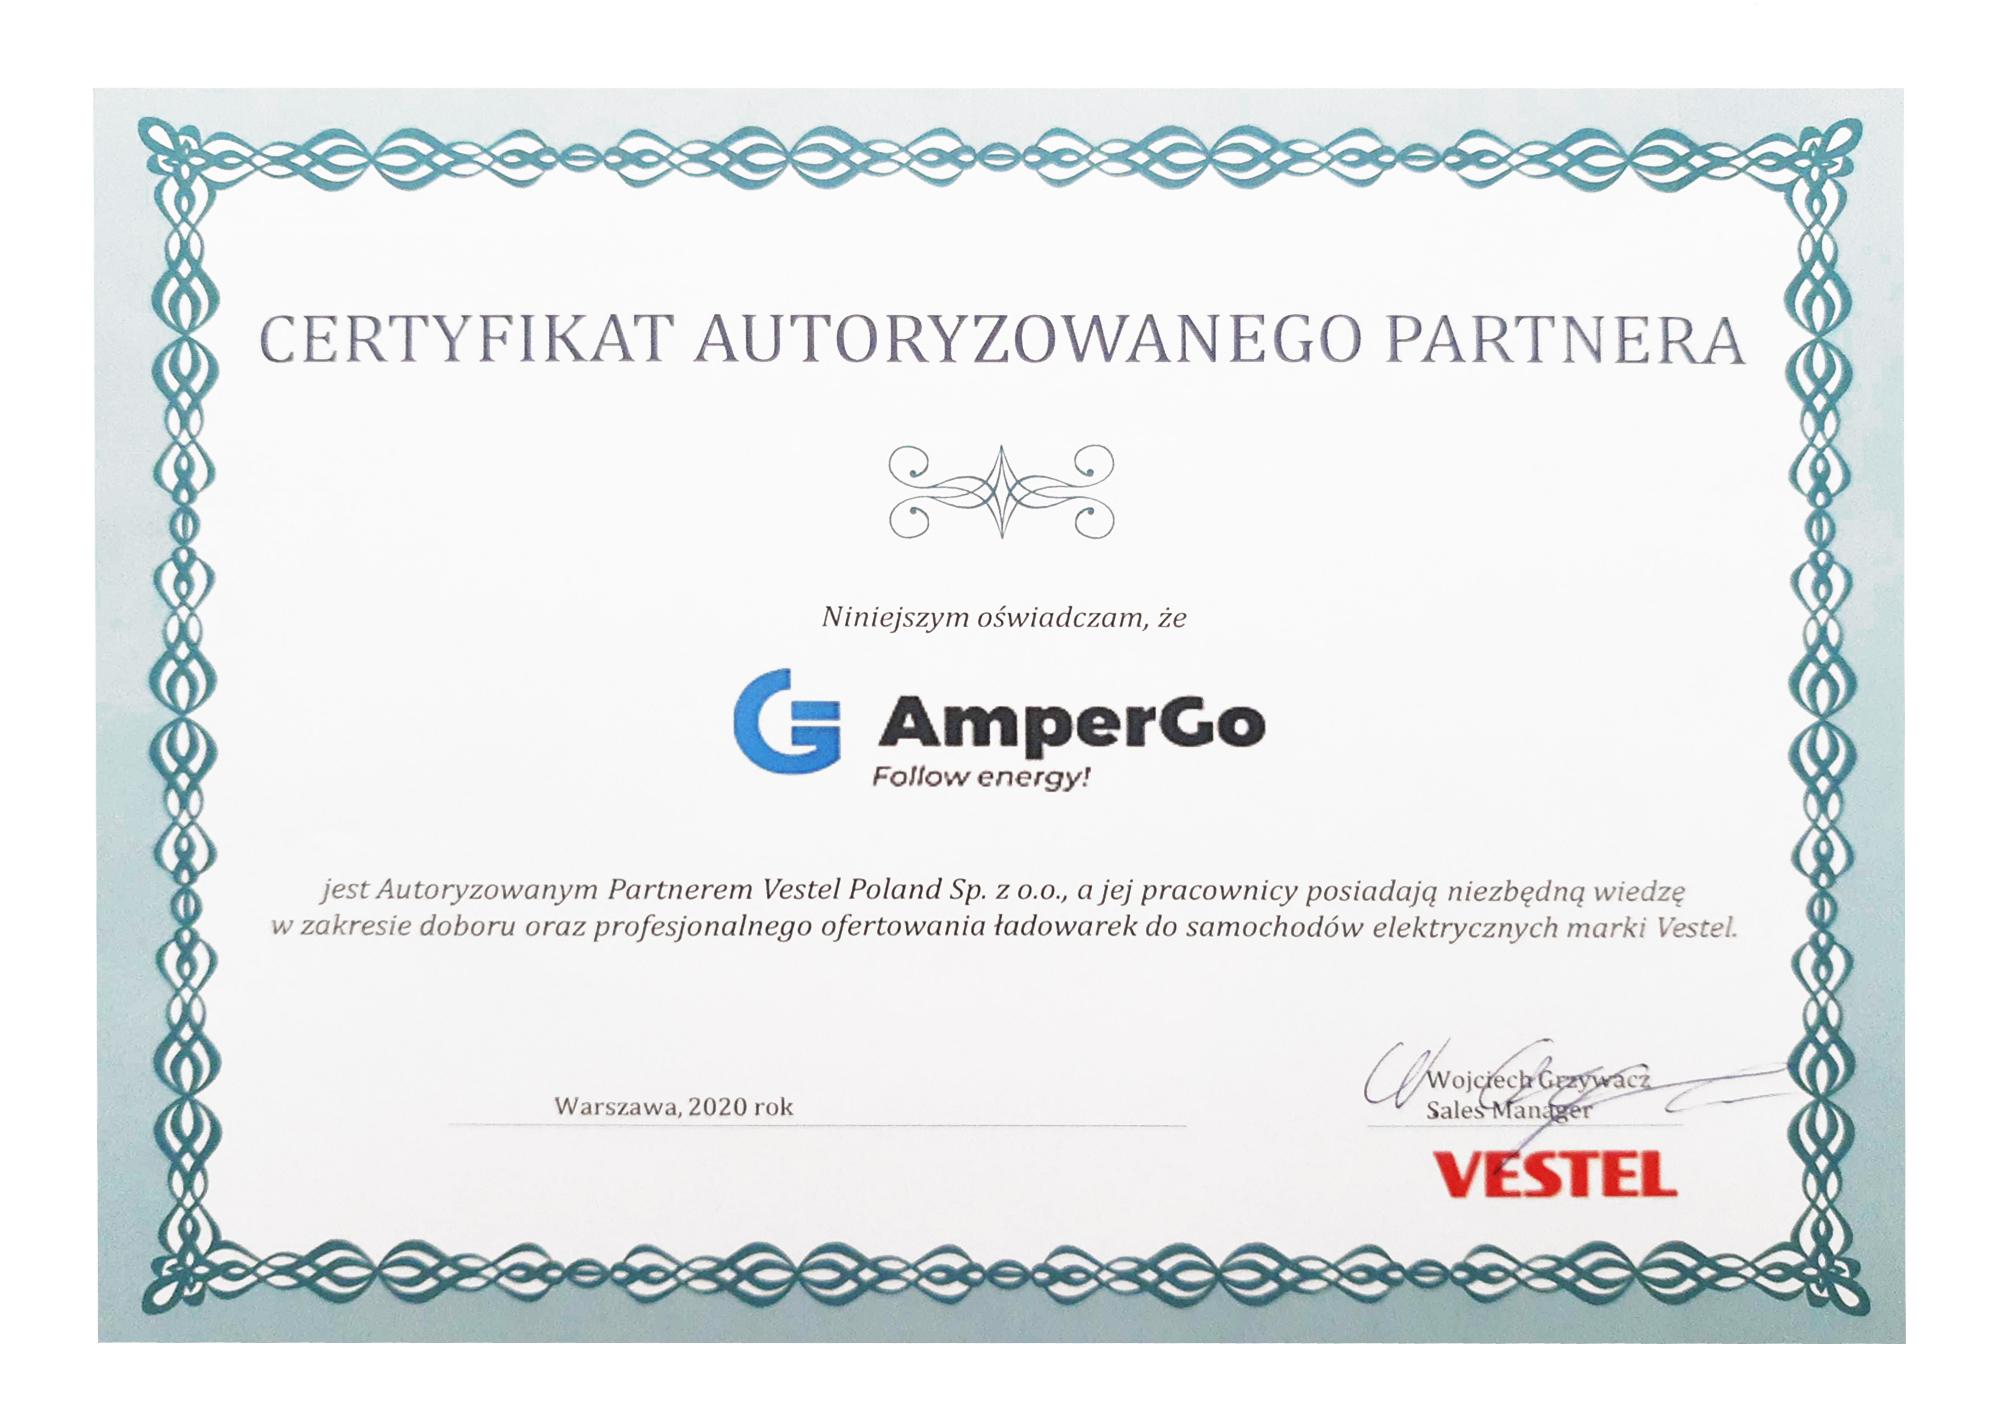 Certyfikat autoryzowanego partnera - Vestel